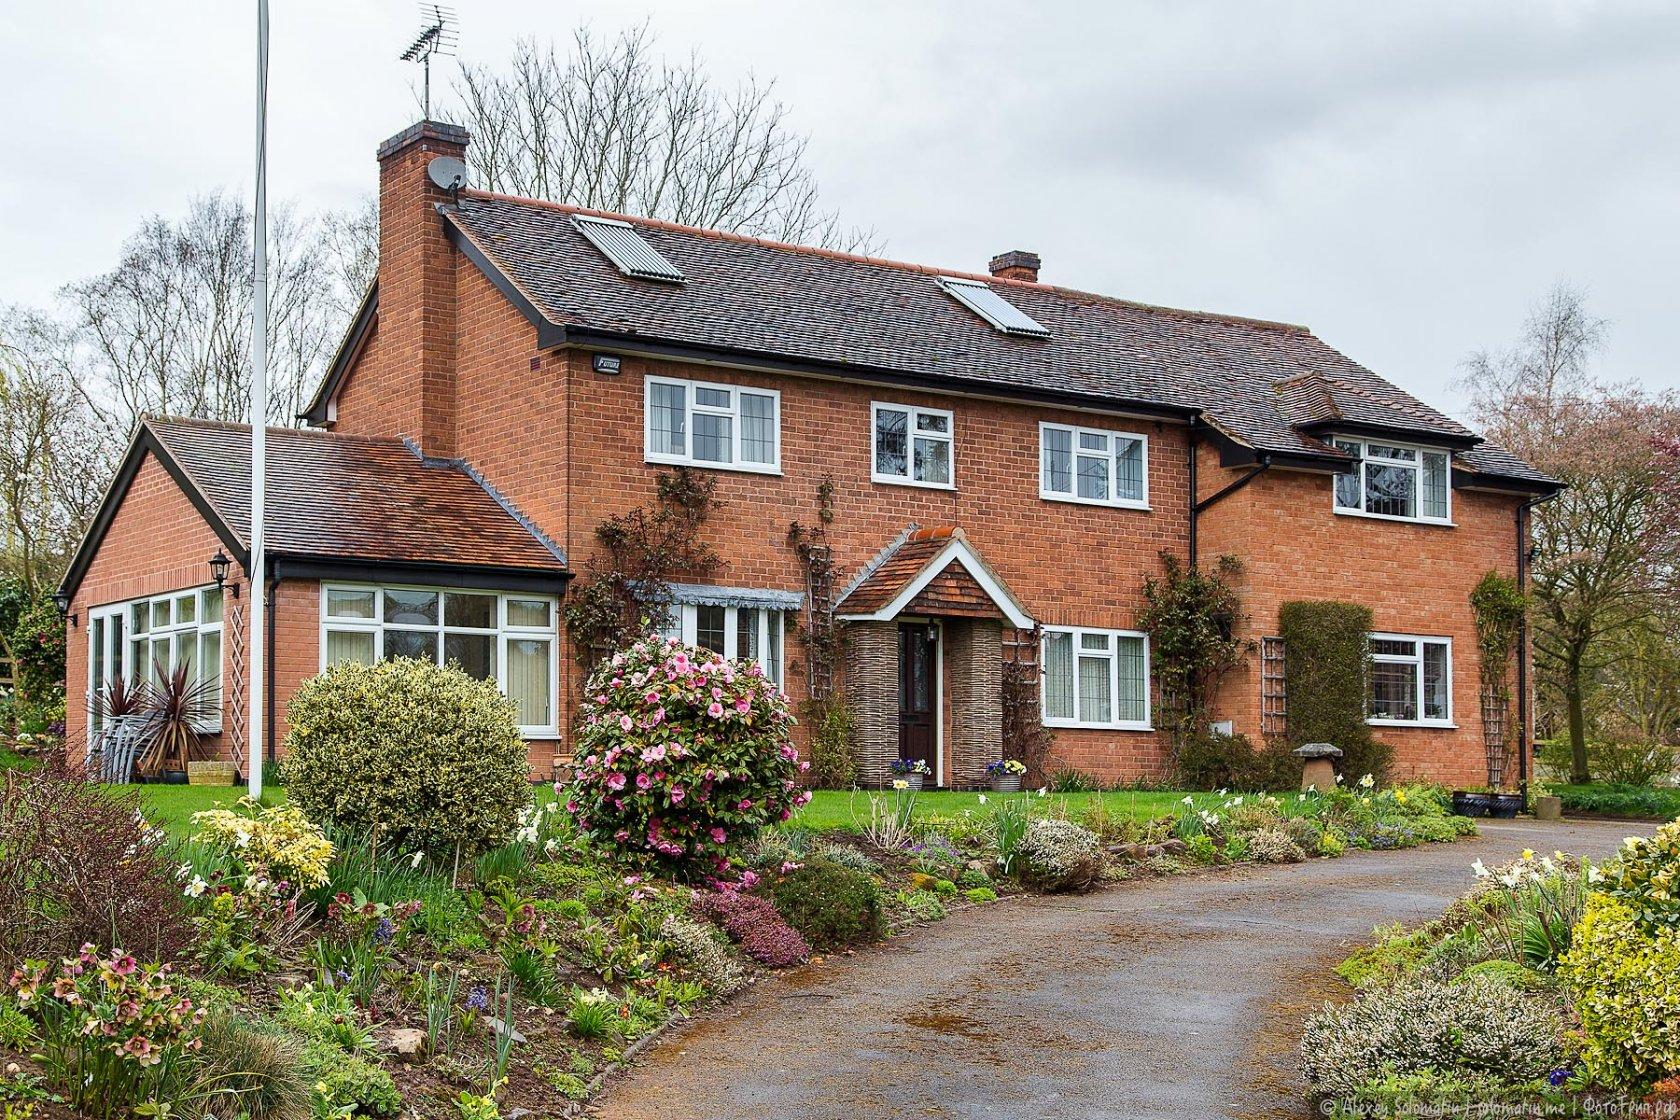 желают английская деревня фото домов приятное полезным